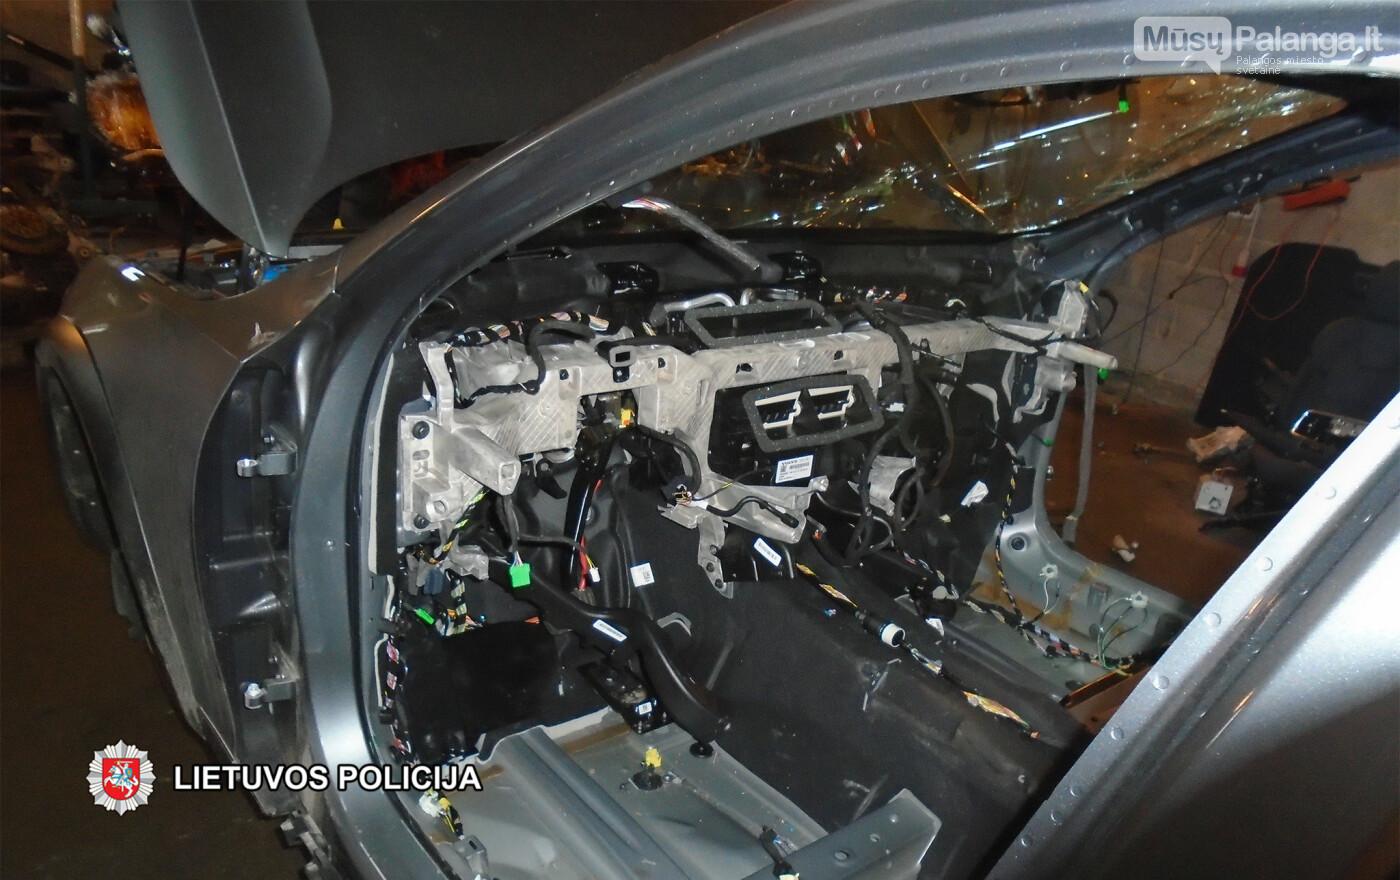 Klaipėdoje baigtas tyrimas dėl prabangaus automobilio Volvo vagystės, nuotrauka-3